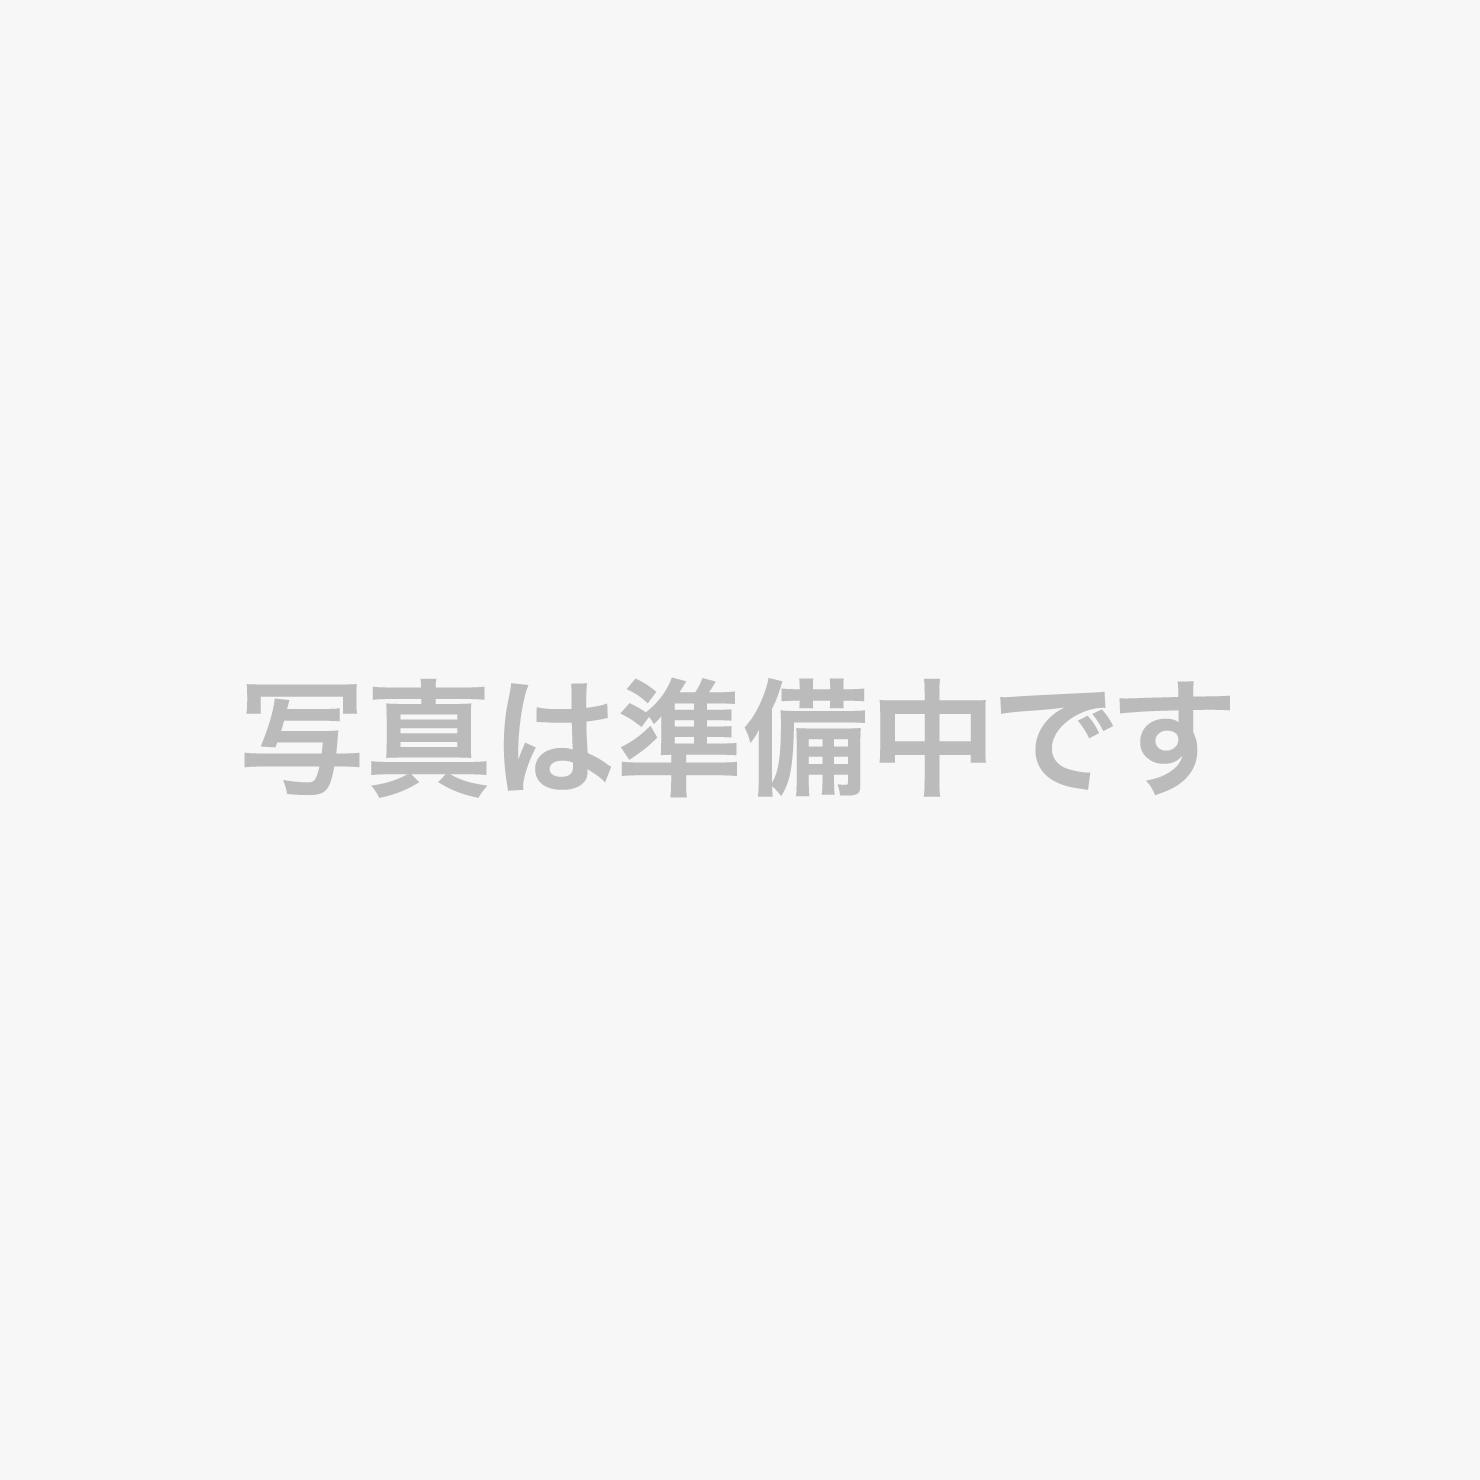 スカイラウンジ リーガトップ (29F)